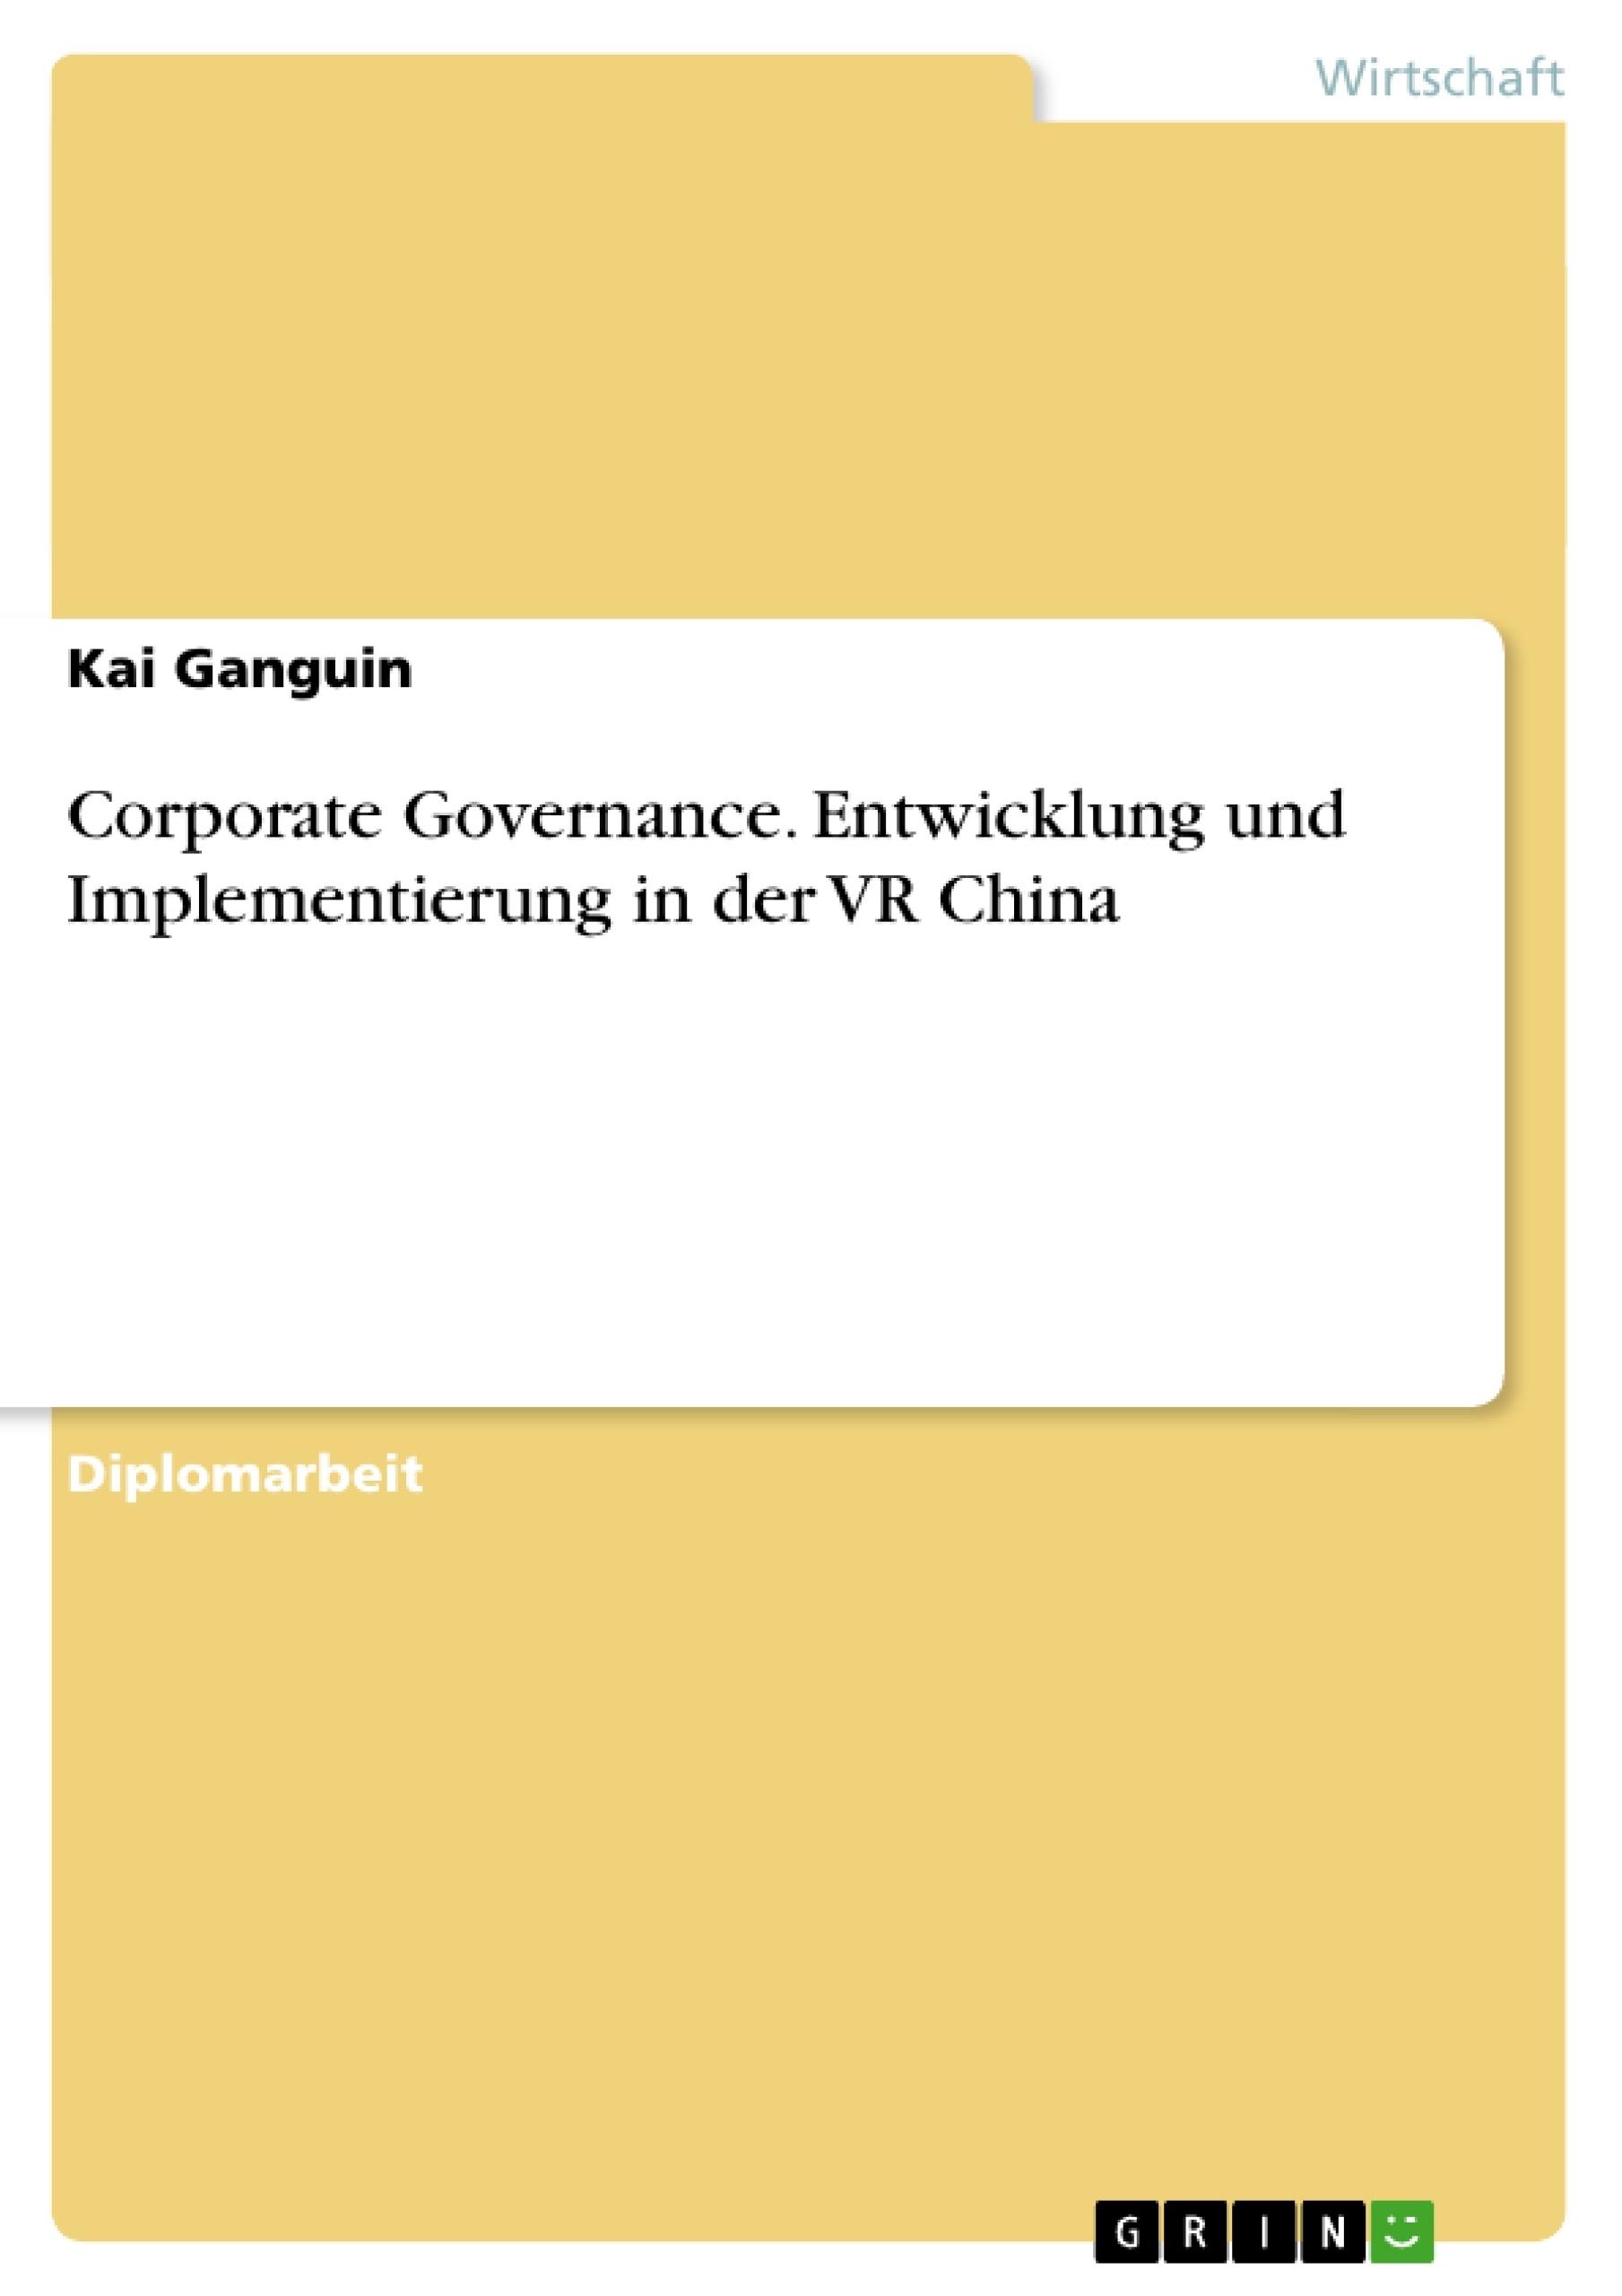 Titel: Corporate Governance. Entwicklung und Implementierung in der VR China